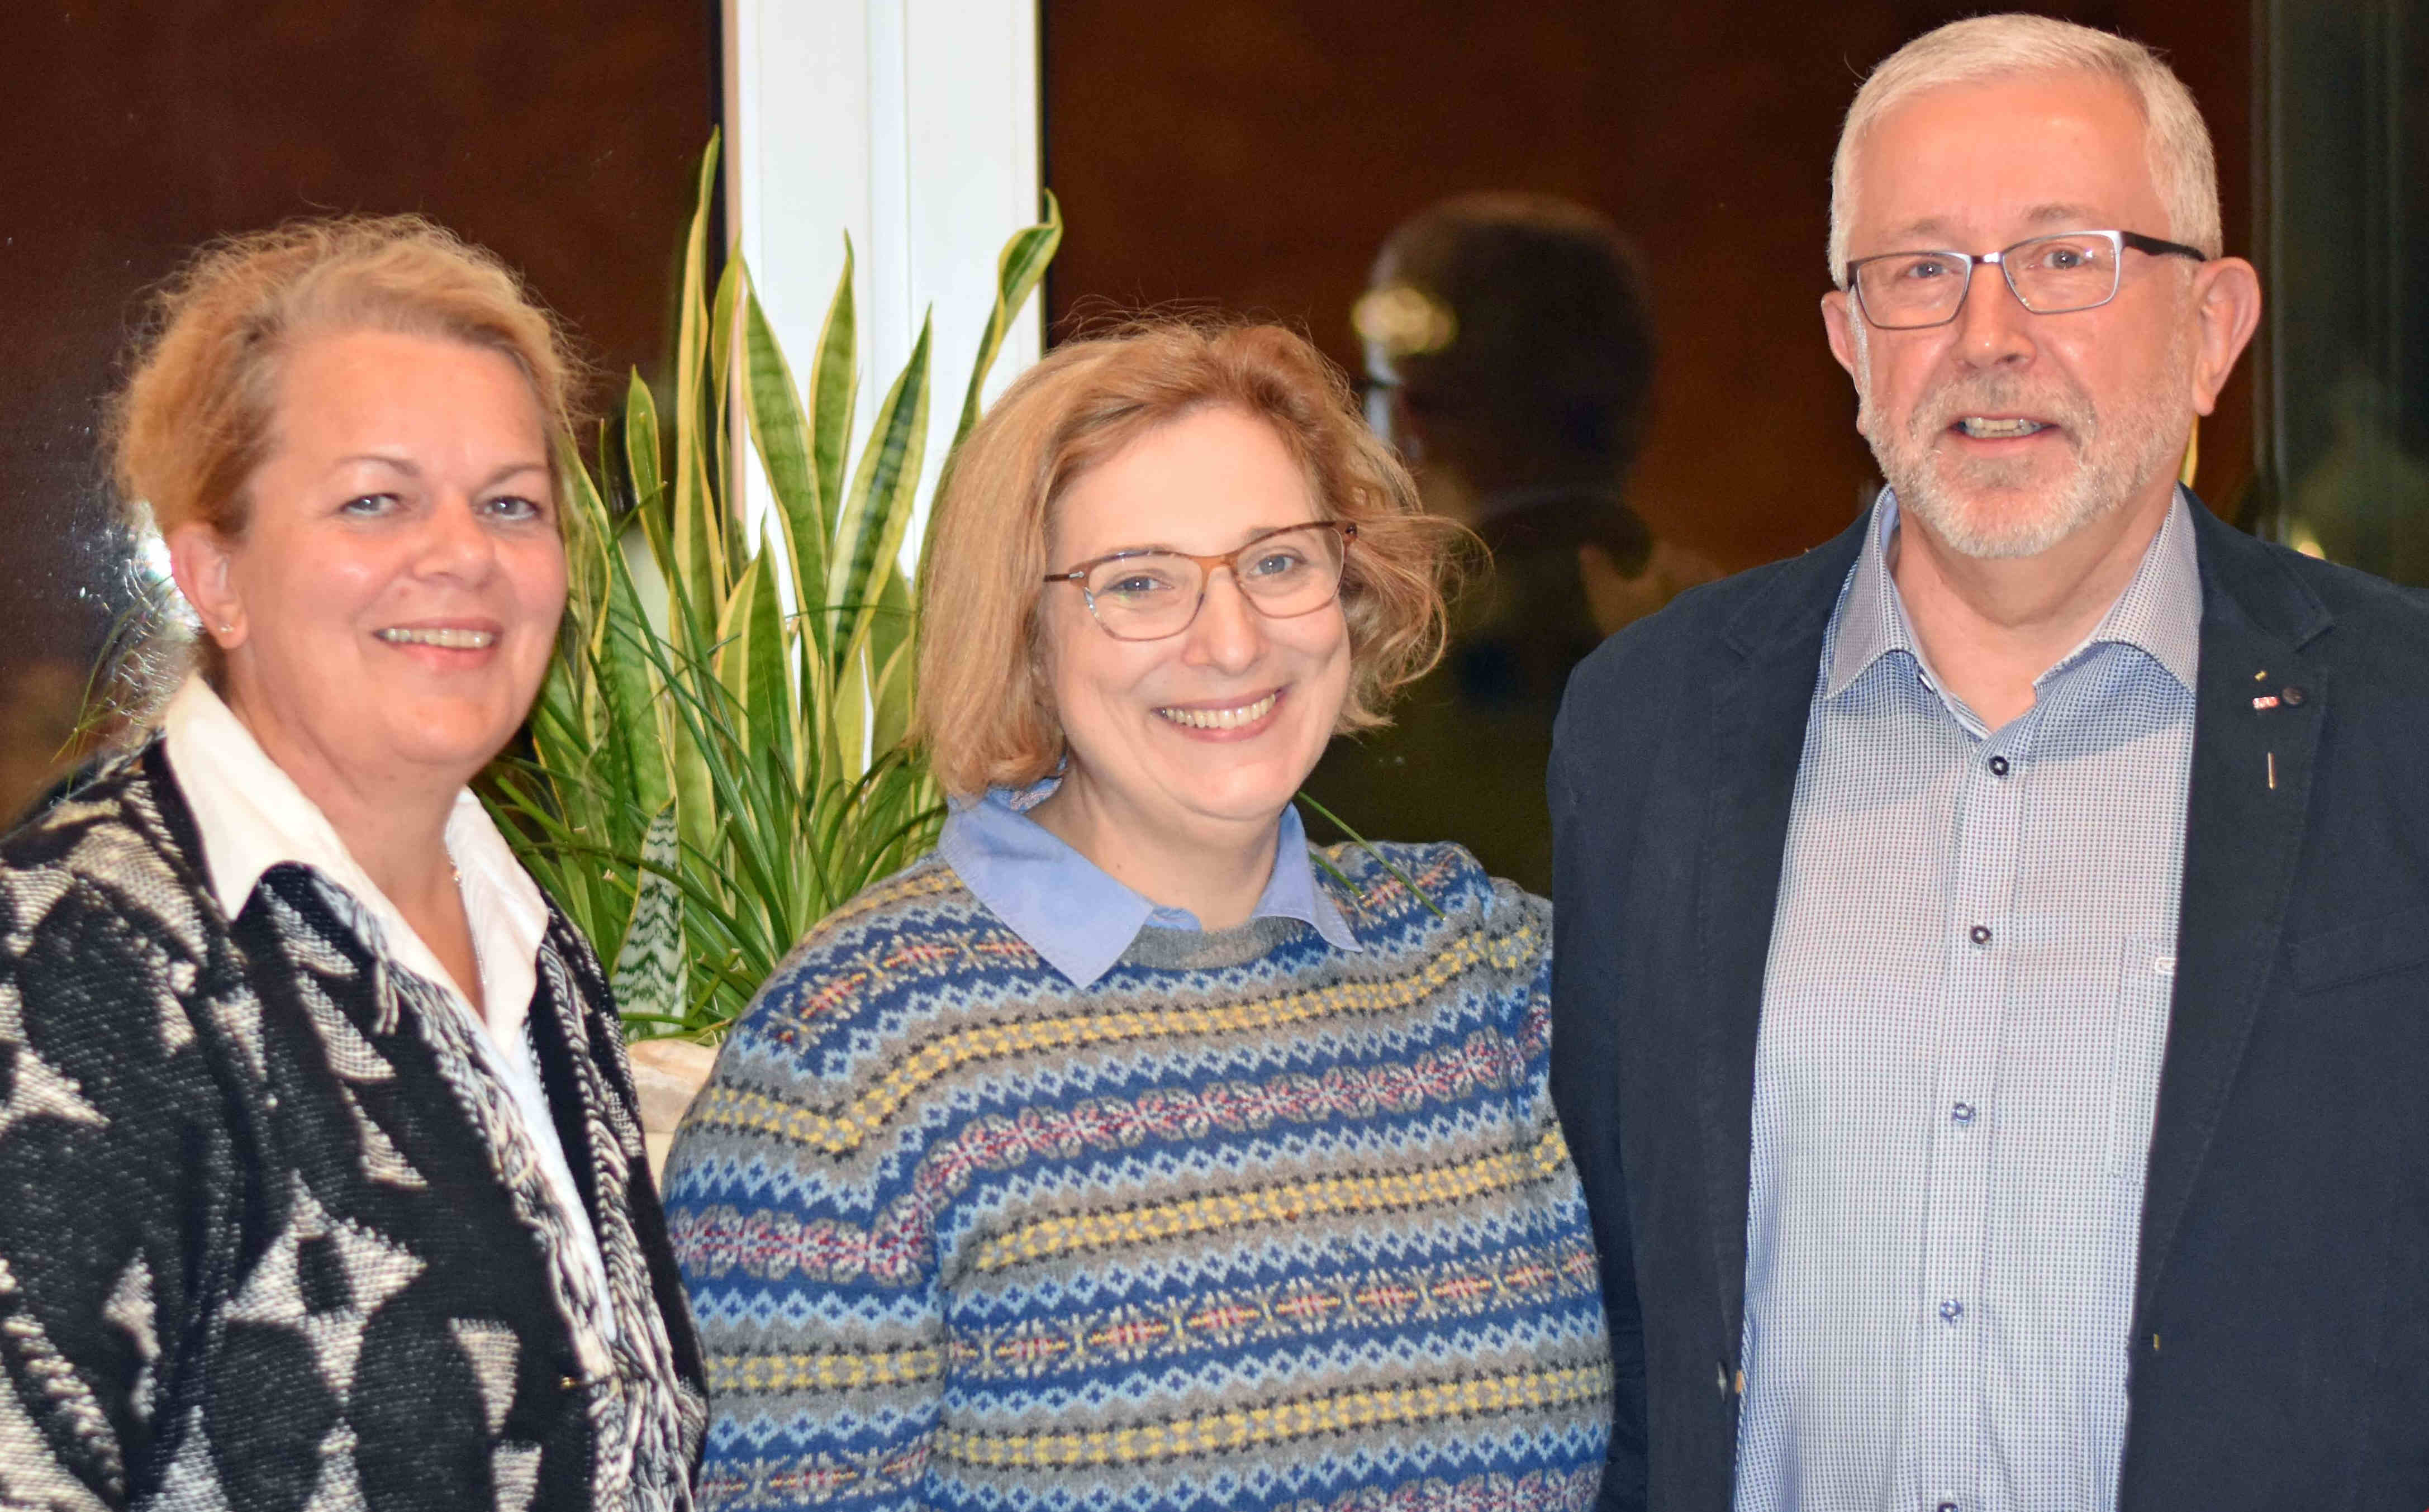 Simone Plöger-van-Dijk (OV-Vorsitzende SPD Haselünne), Dr. Daniela De Ridder (SPD-Bundestagsabgeordnete), Jürgen Leuchtmann (Ehrung für 40 Jahre SPD-Mitgliedschaft)